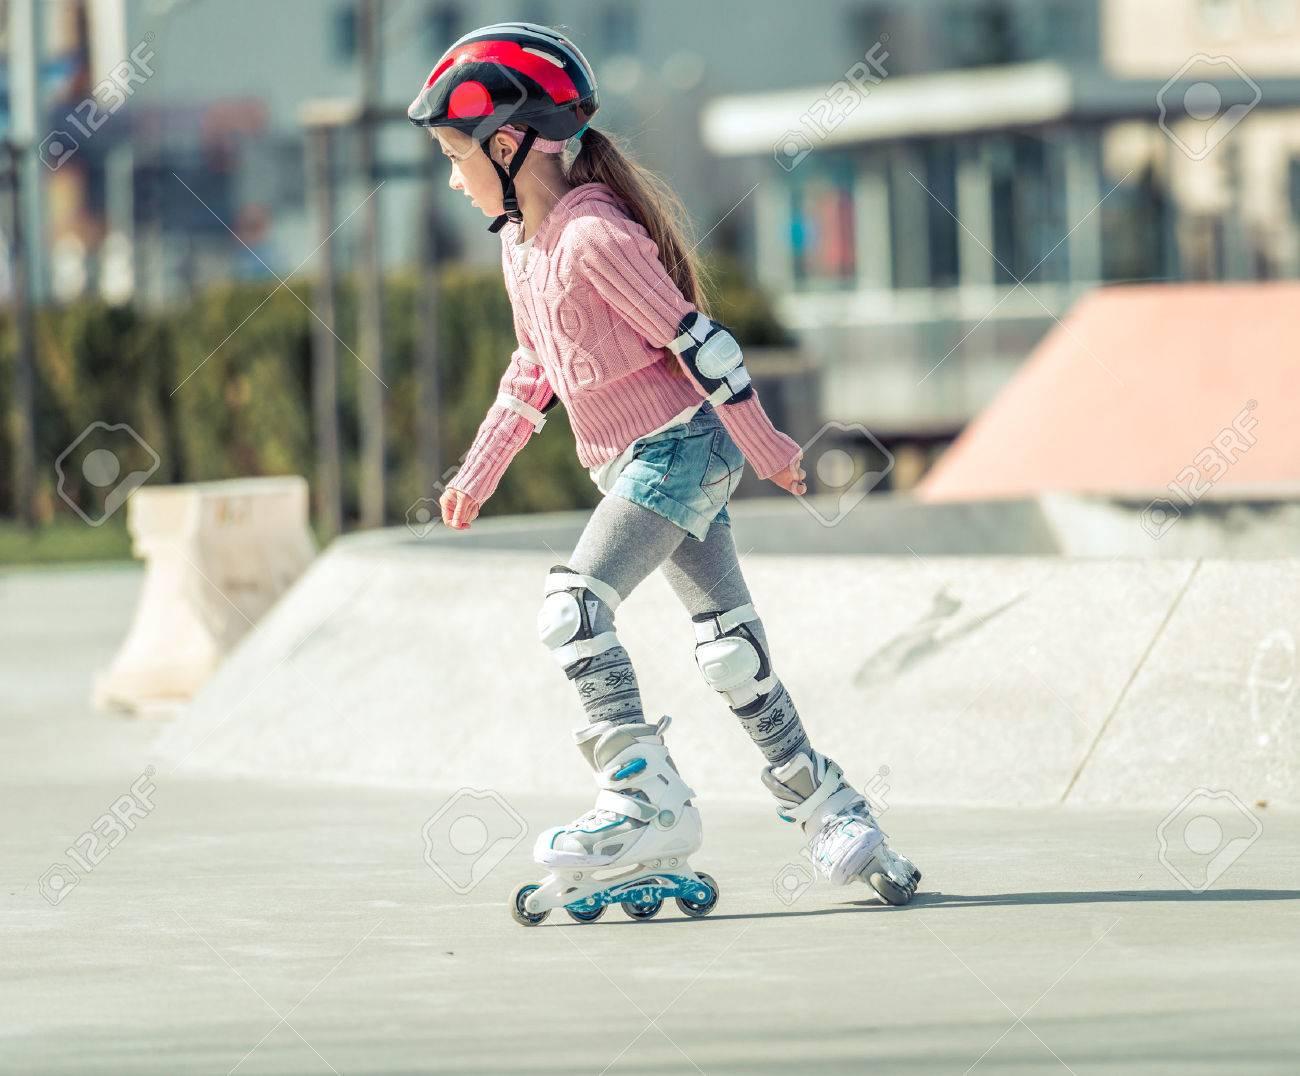 Little pretty girl on roller skates in helmet at a park - 39465915